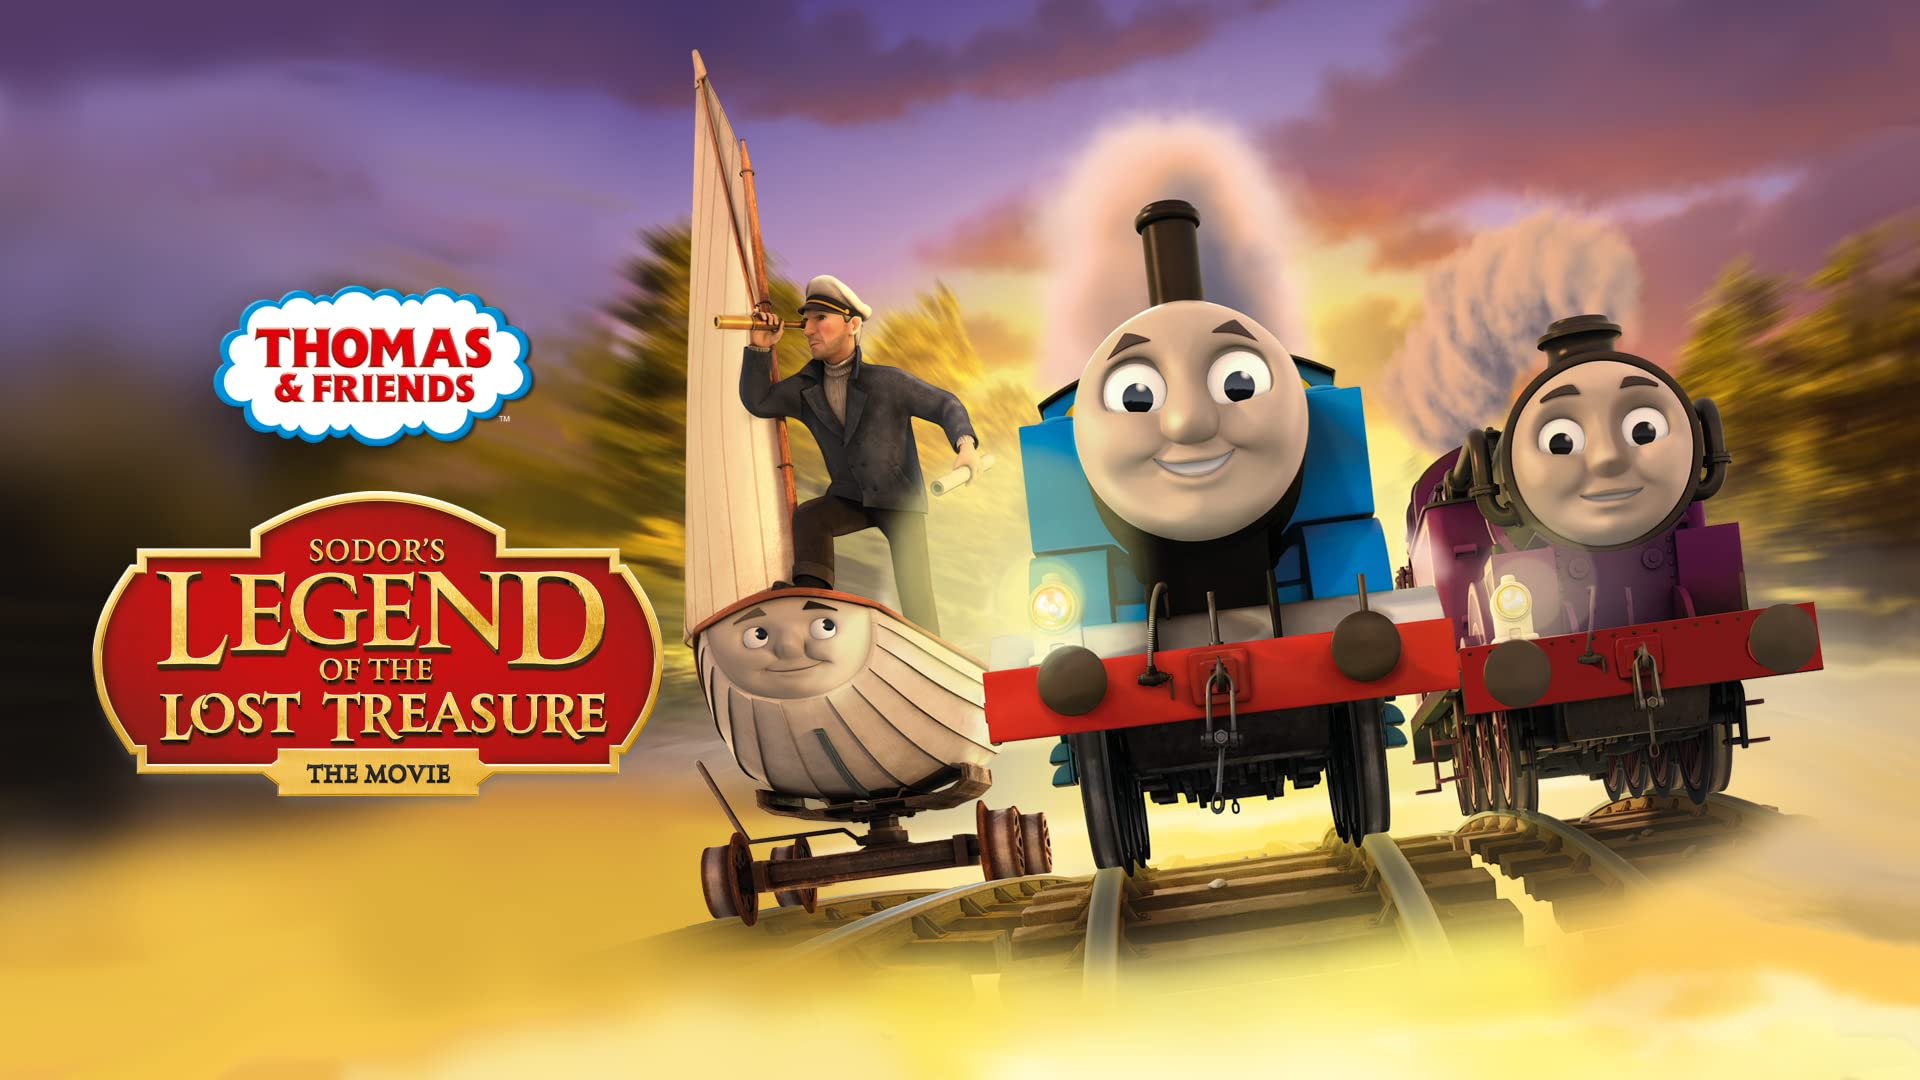 Thomas & Friends: Sodor's Legend of the Lost Treasure (US)